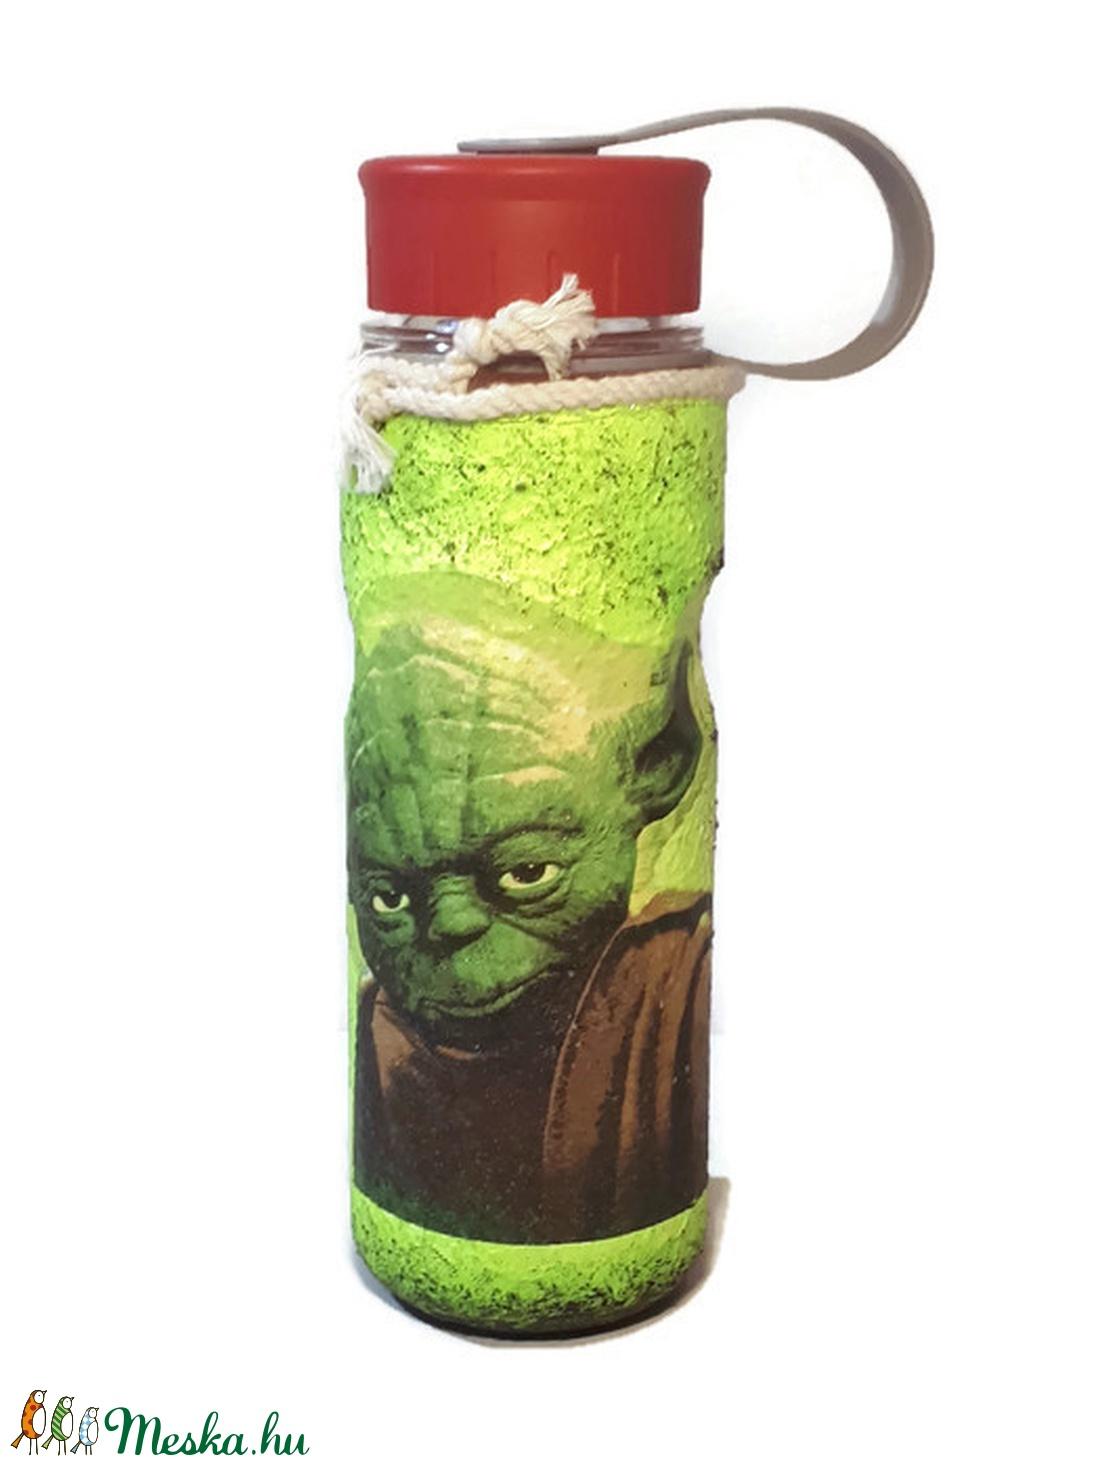 Star Wars - sötétben világító Yoda fali- ajtódísz, kopogtató és műanyag kulacs   - otthon & lakás - dekoráció - kép & falikép - Meska.hu